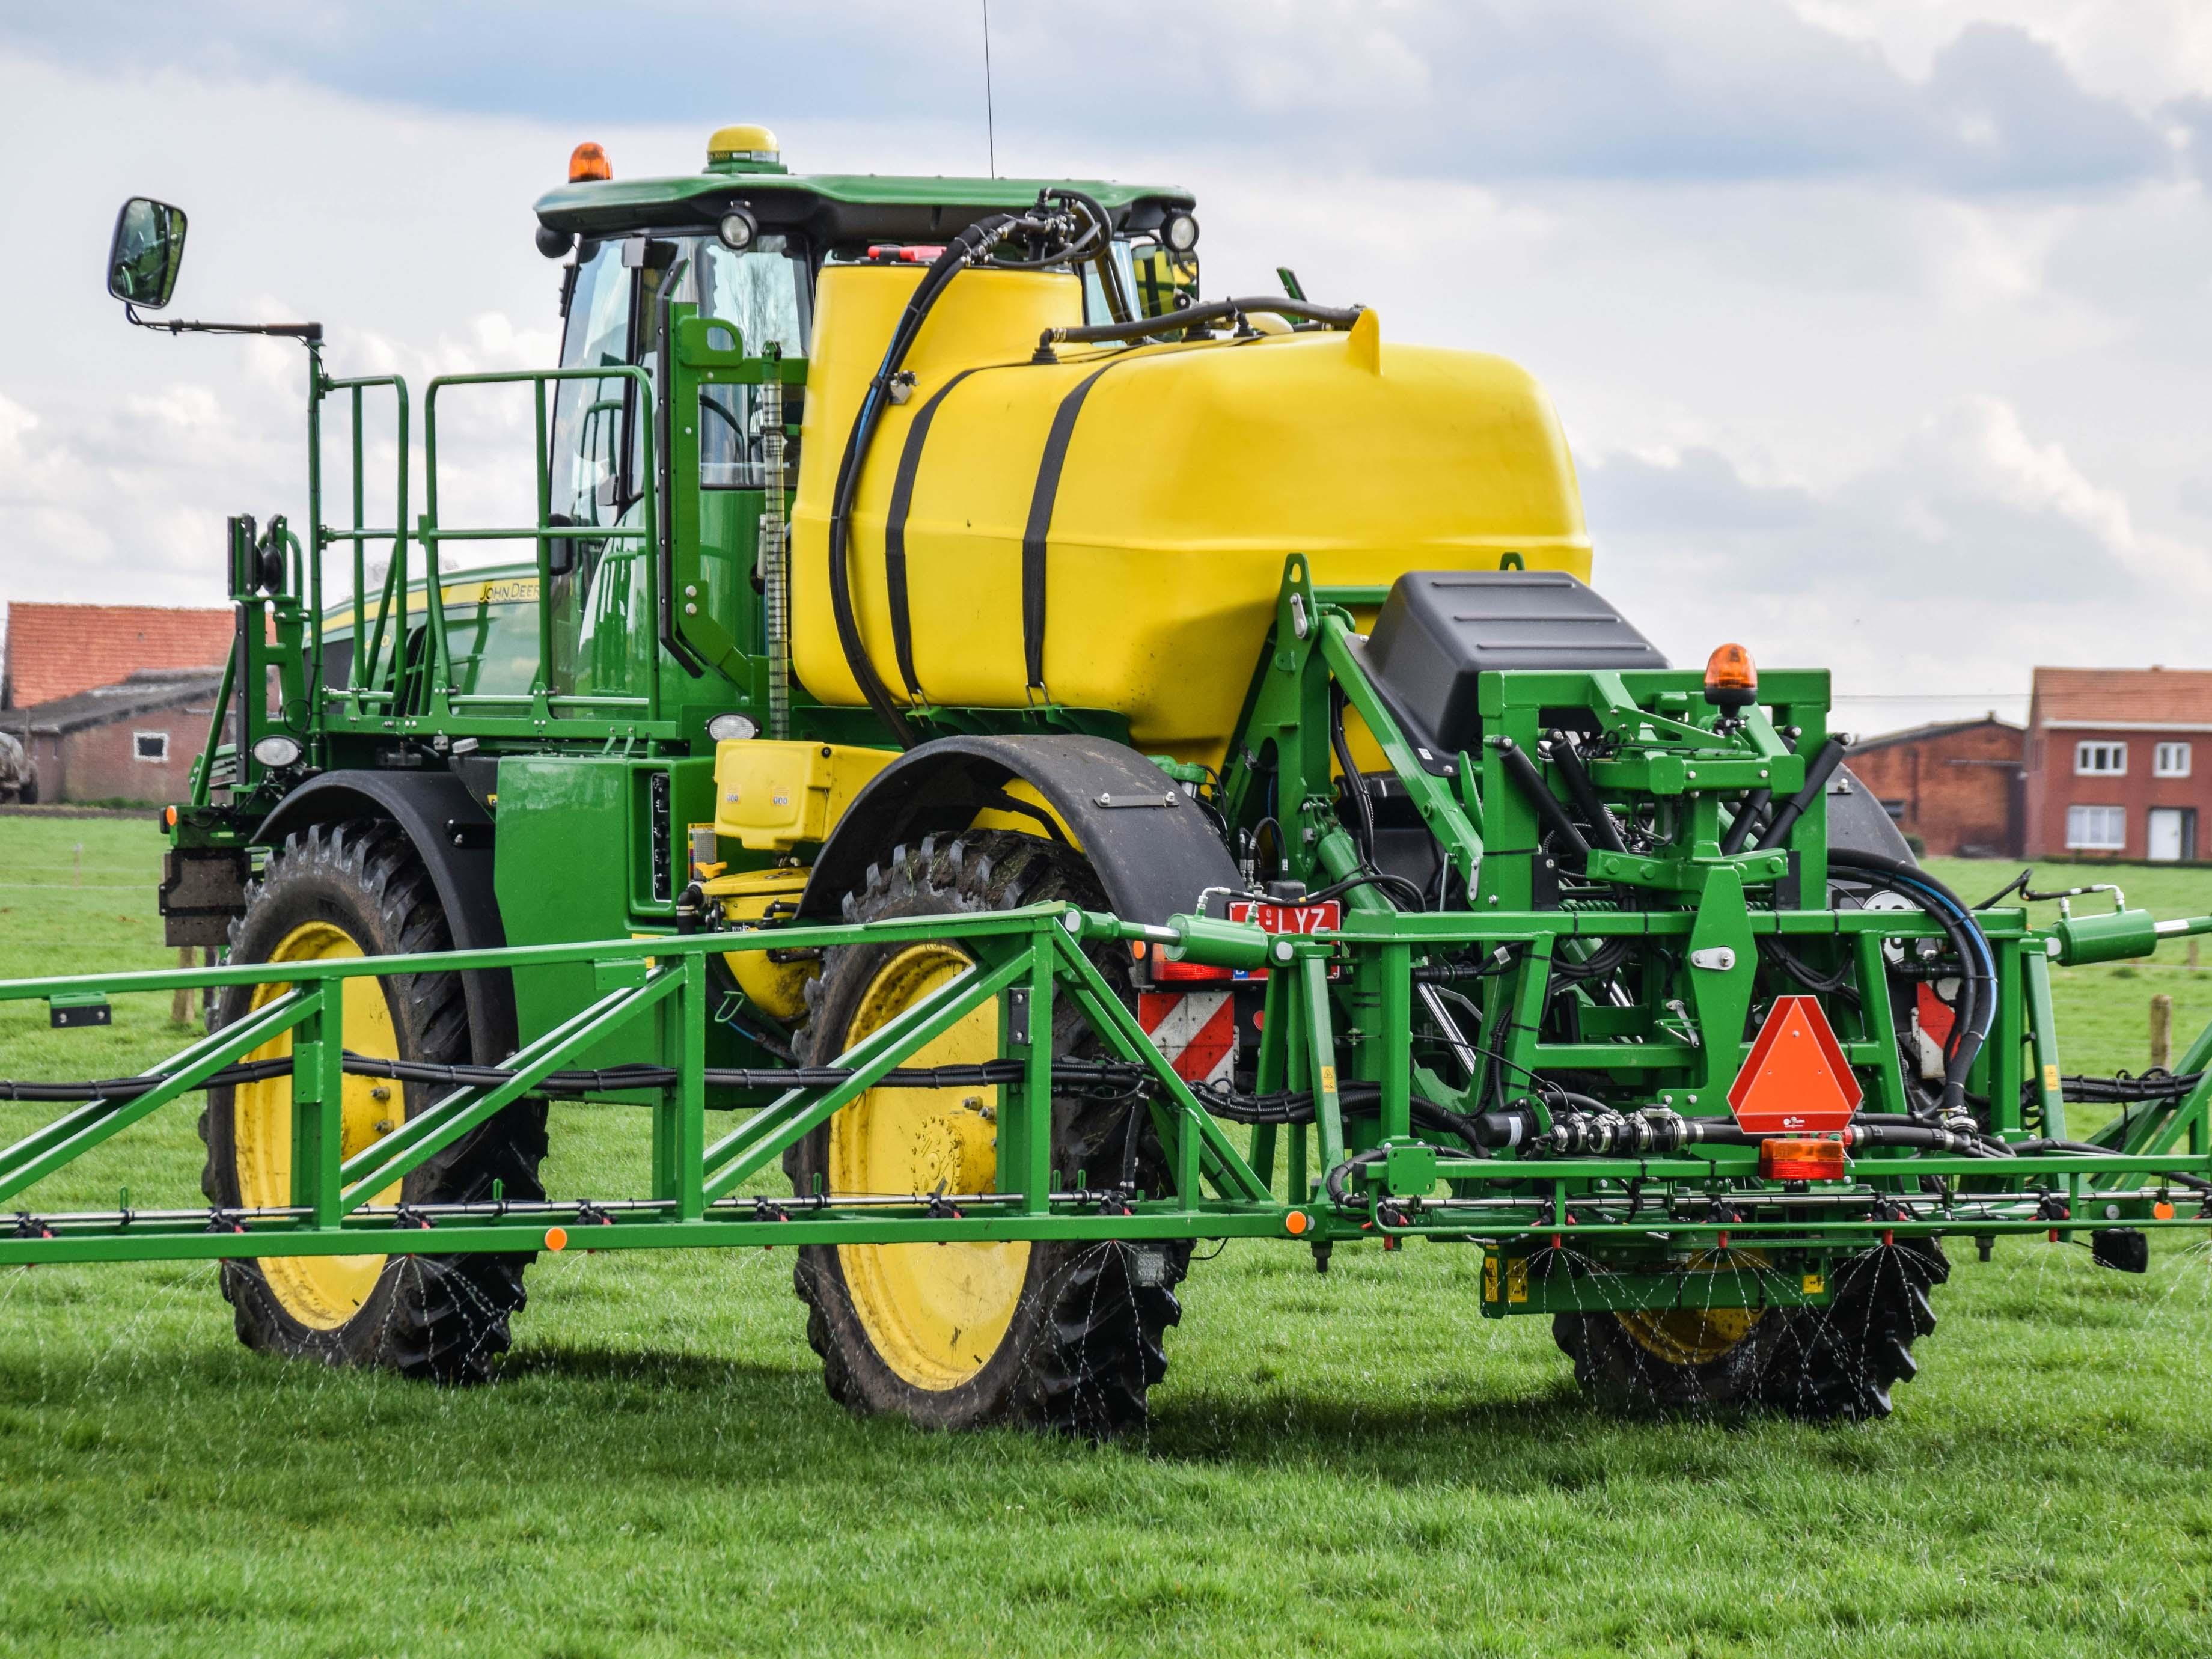 Vloeibare meststoffen spuiten gewasbescherming